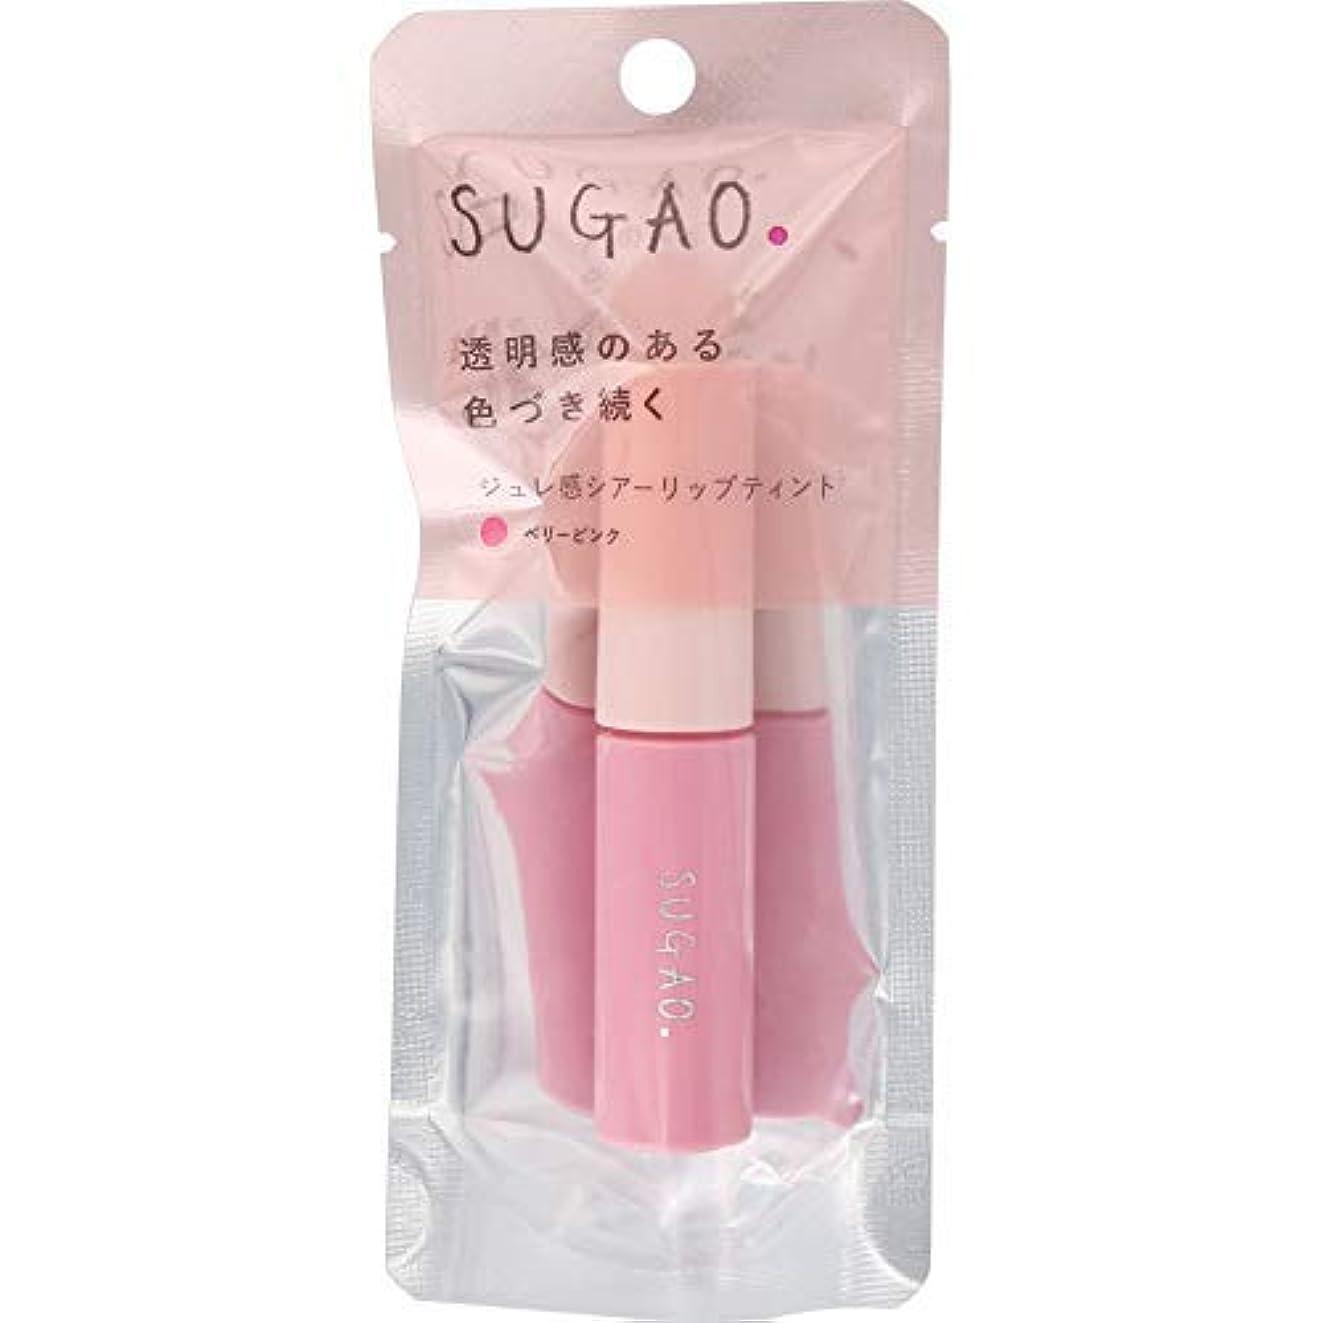 特異性秘密の有効化SUGAO ジュレ感シアーリップティント ベリーピンク × 12個セット